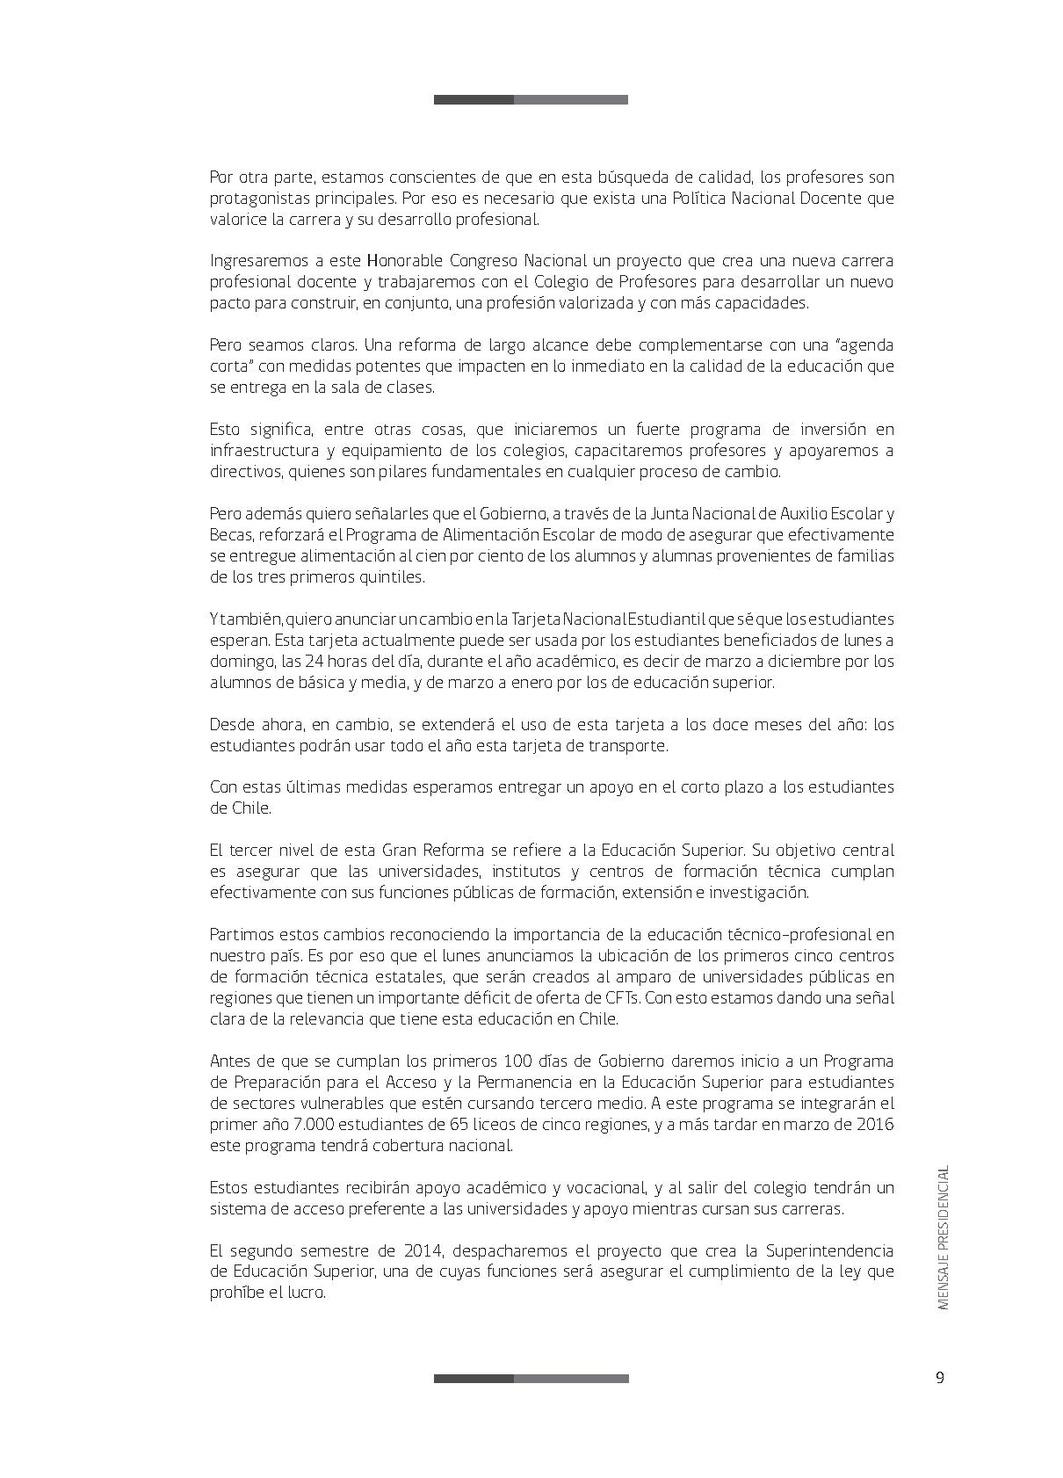 Página:Mensaje Presidencial 21 de Mayo de 2014.pdf/9 - Wikisource